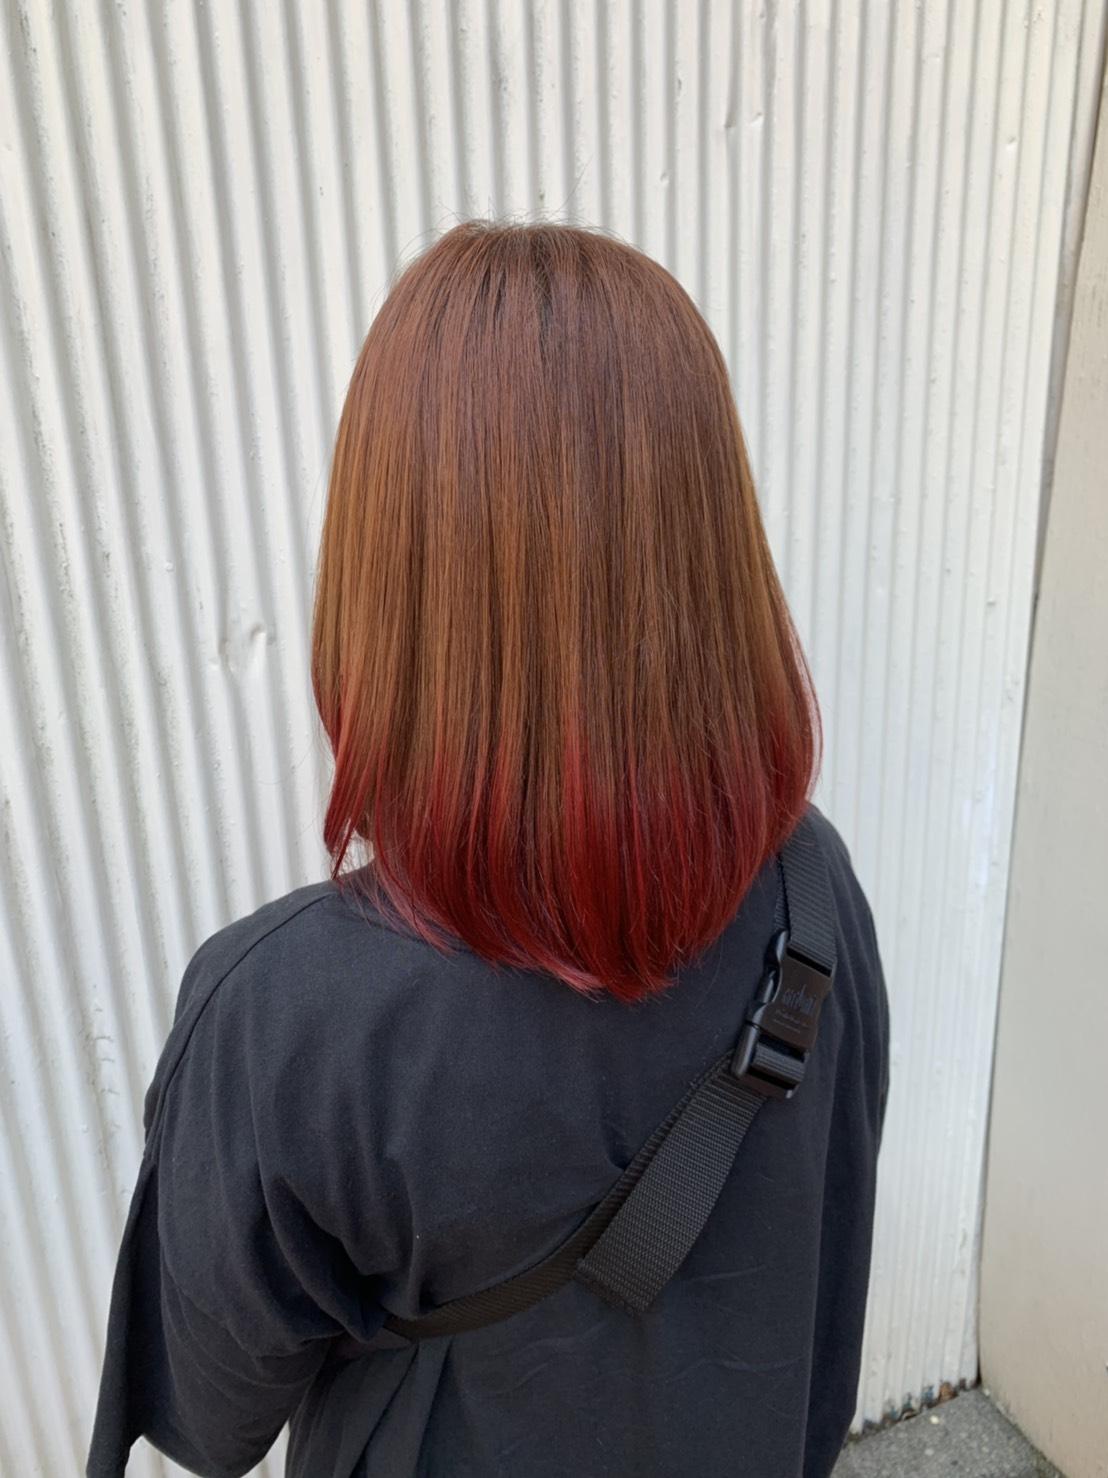 S  31023111 - Hair Gallery